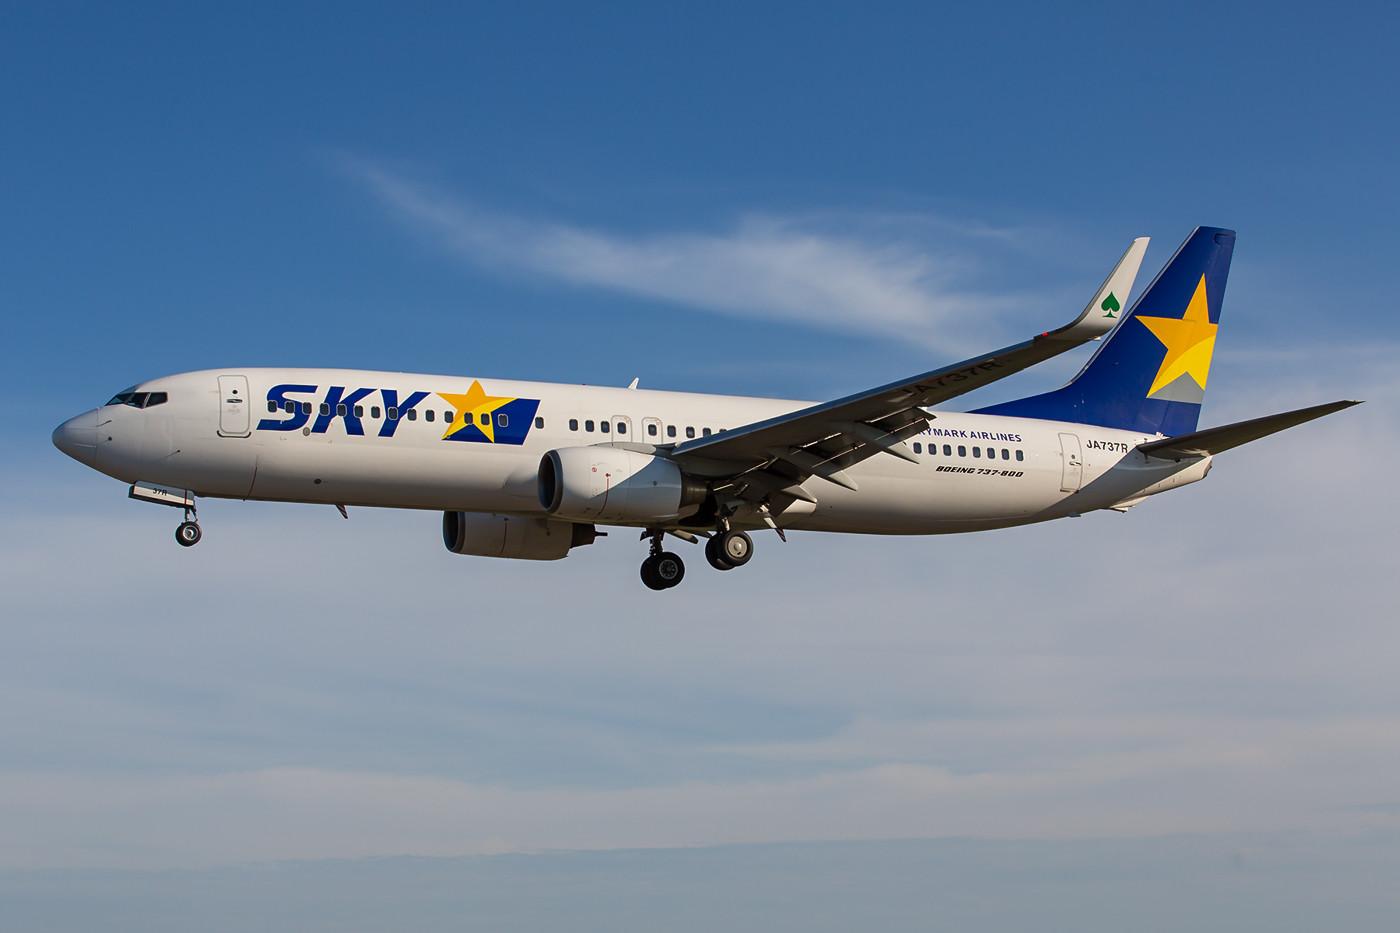 """An der Nachmittagsposition muss man sich wirklich echt bemühen die """"grossen"""" 737 vollständig in Bild zu bekommen."""